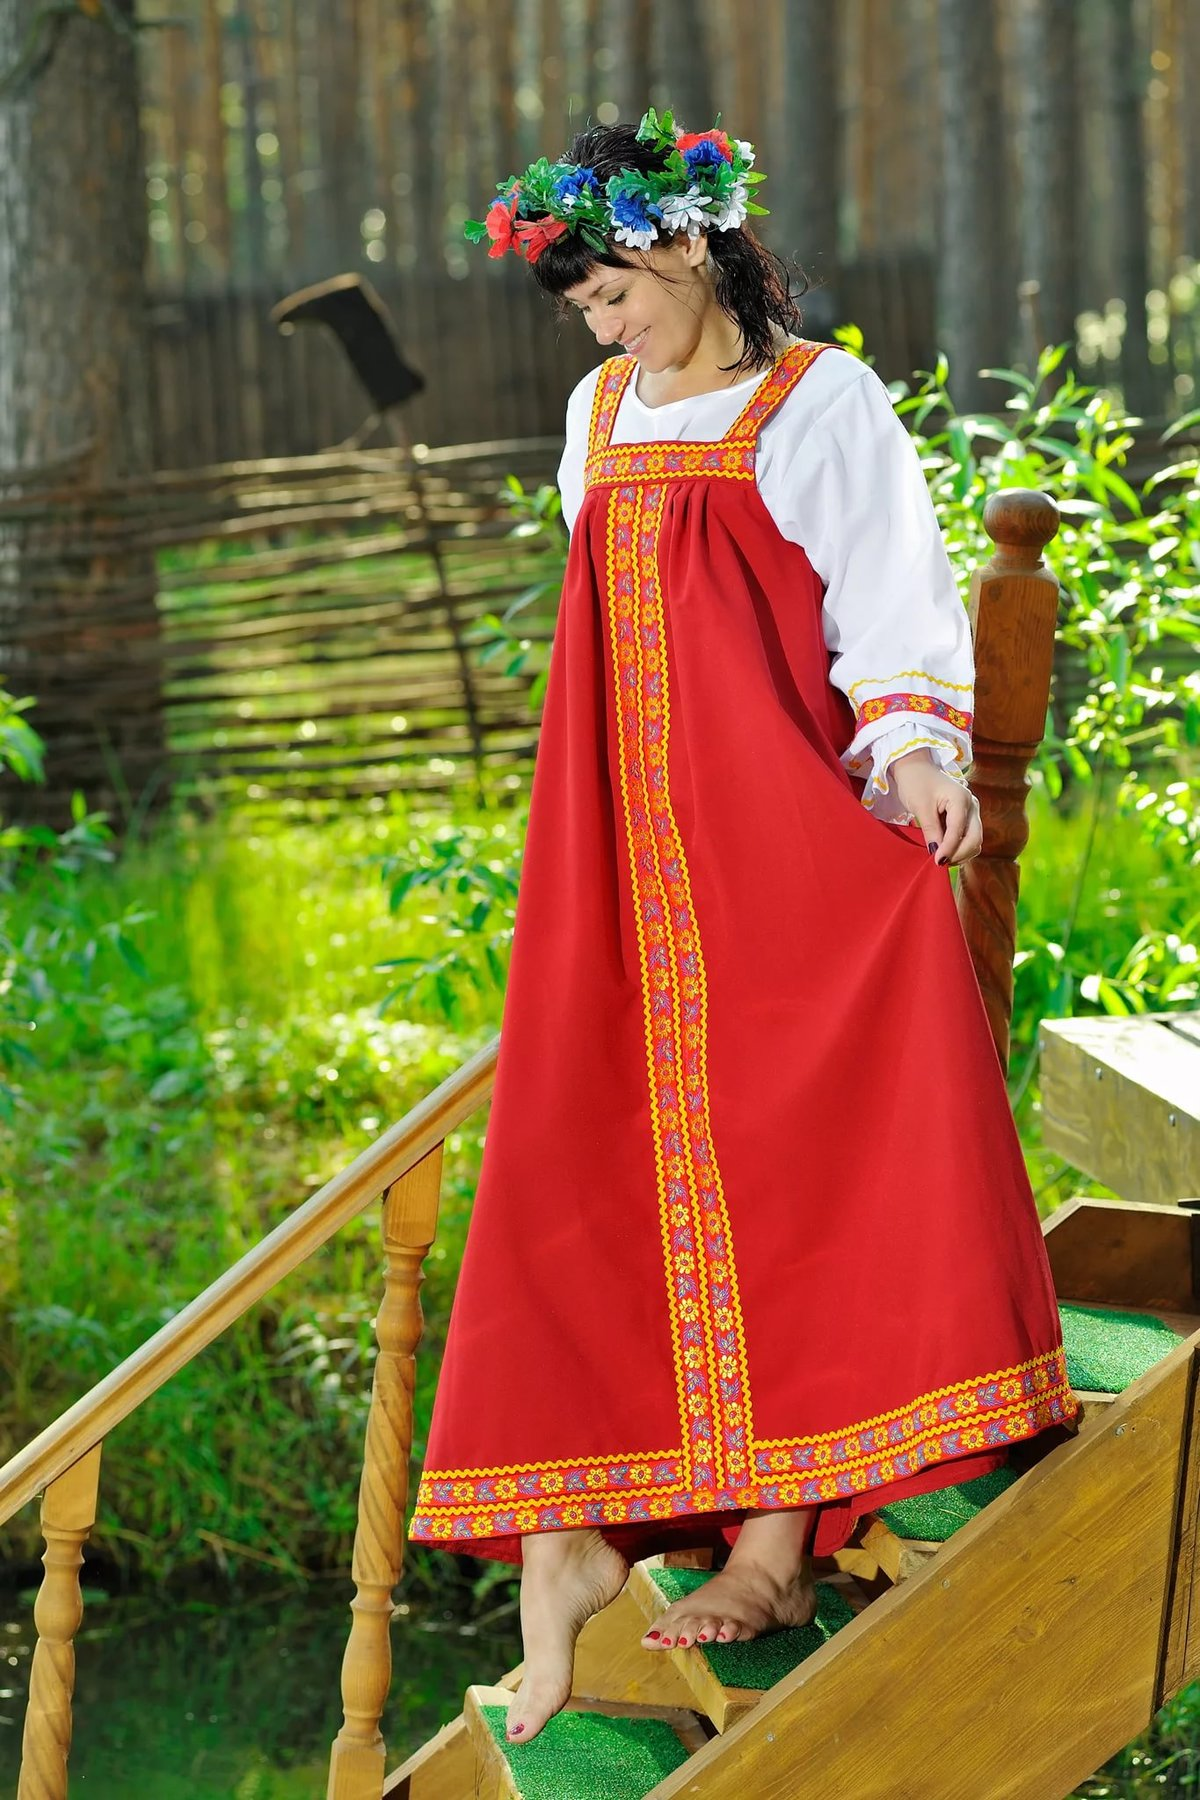 русские народные костюмы фото или картинки общем